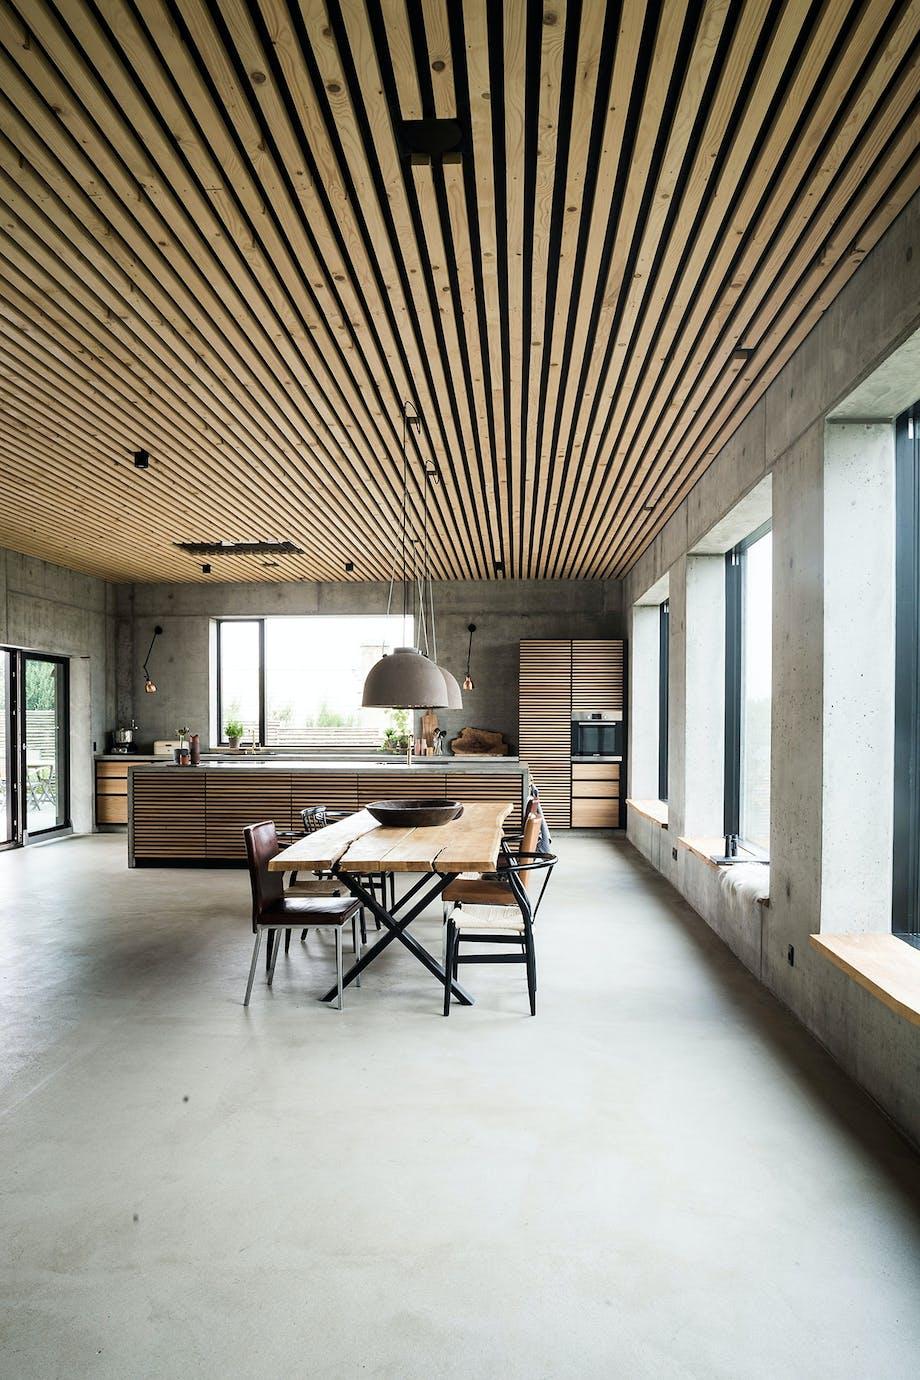 køkken alrum spisebord spisestue beton træ